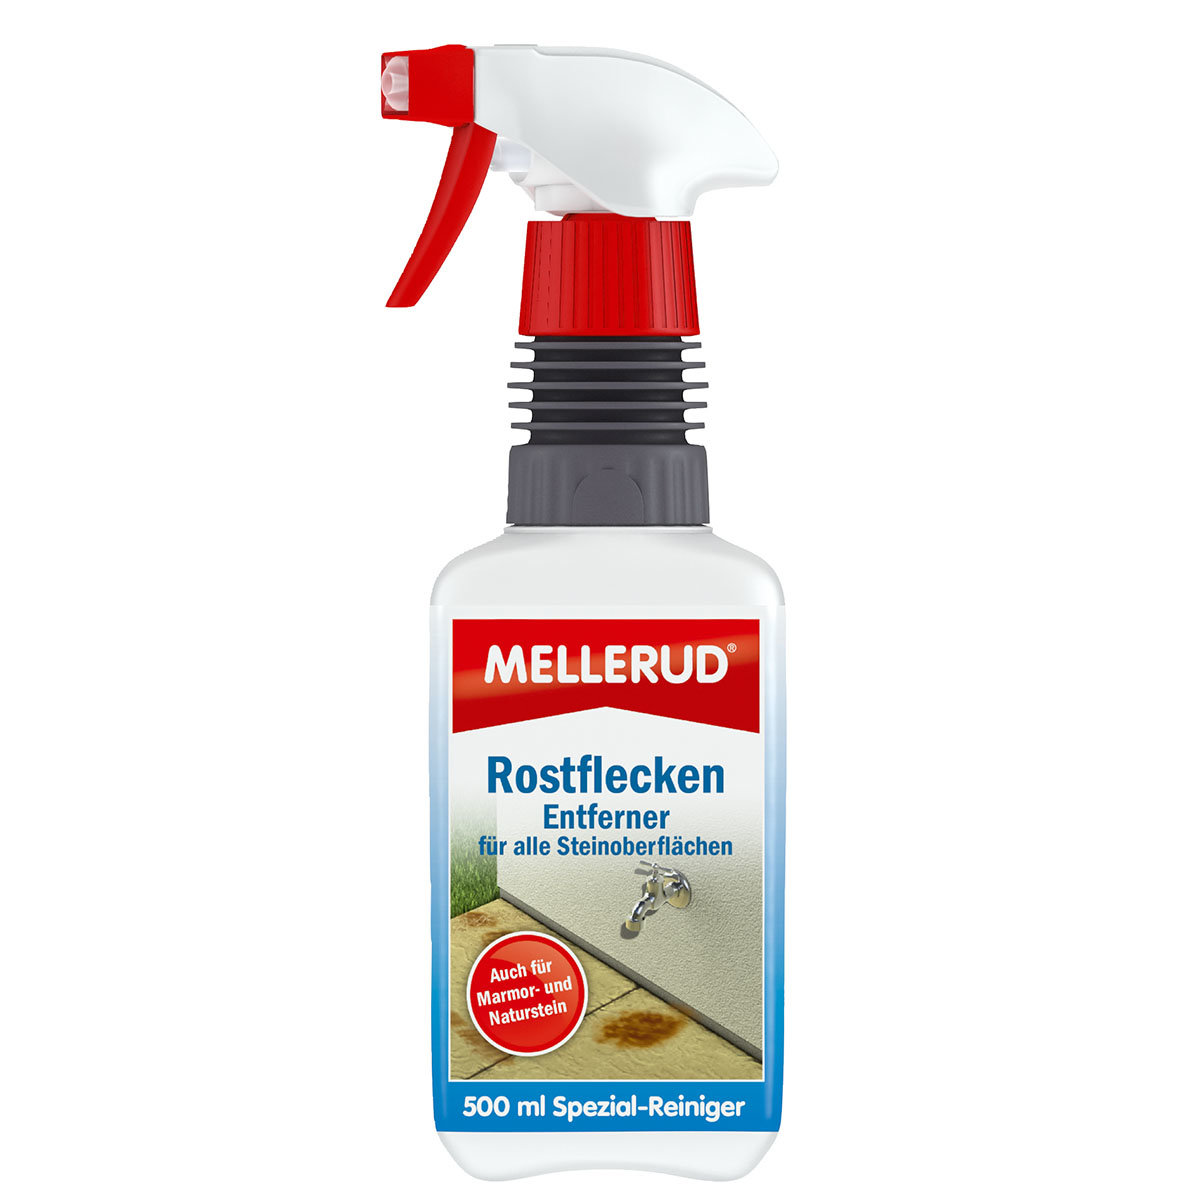 MELLERUD® Rostflecken Entferner f. Steinoberflächen 0,5 l